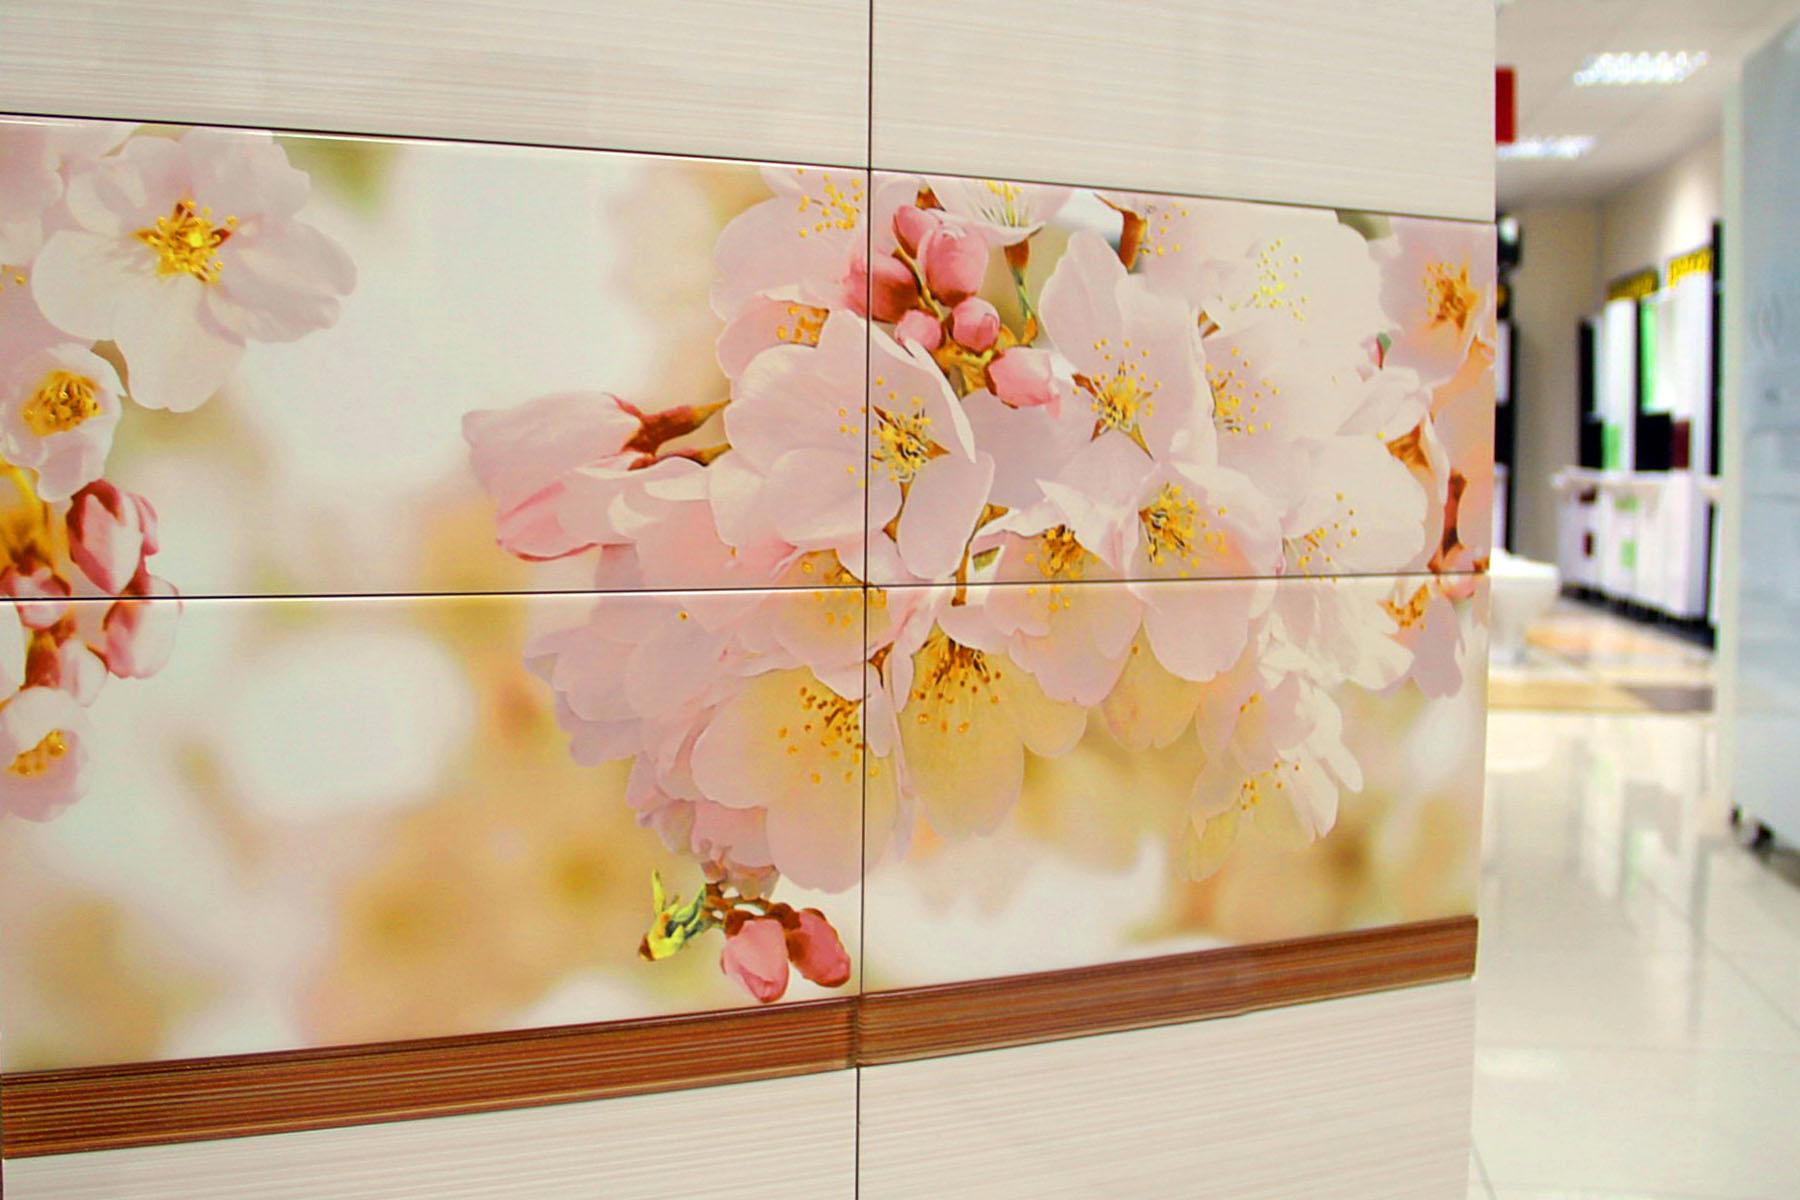 Фотоплитка на стене кухни